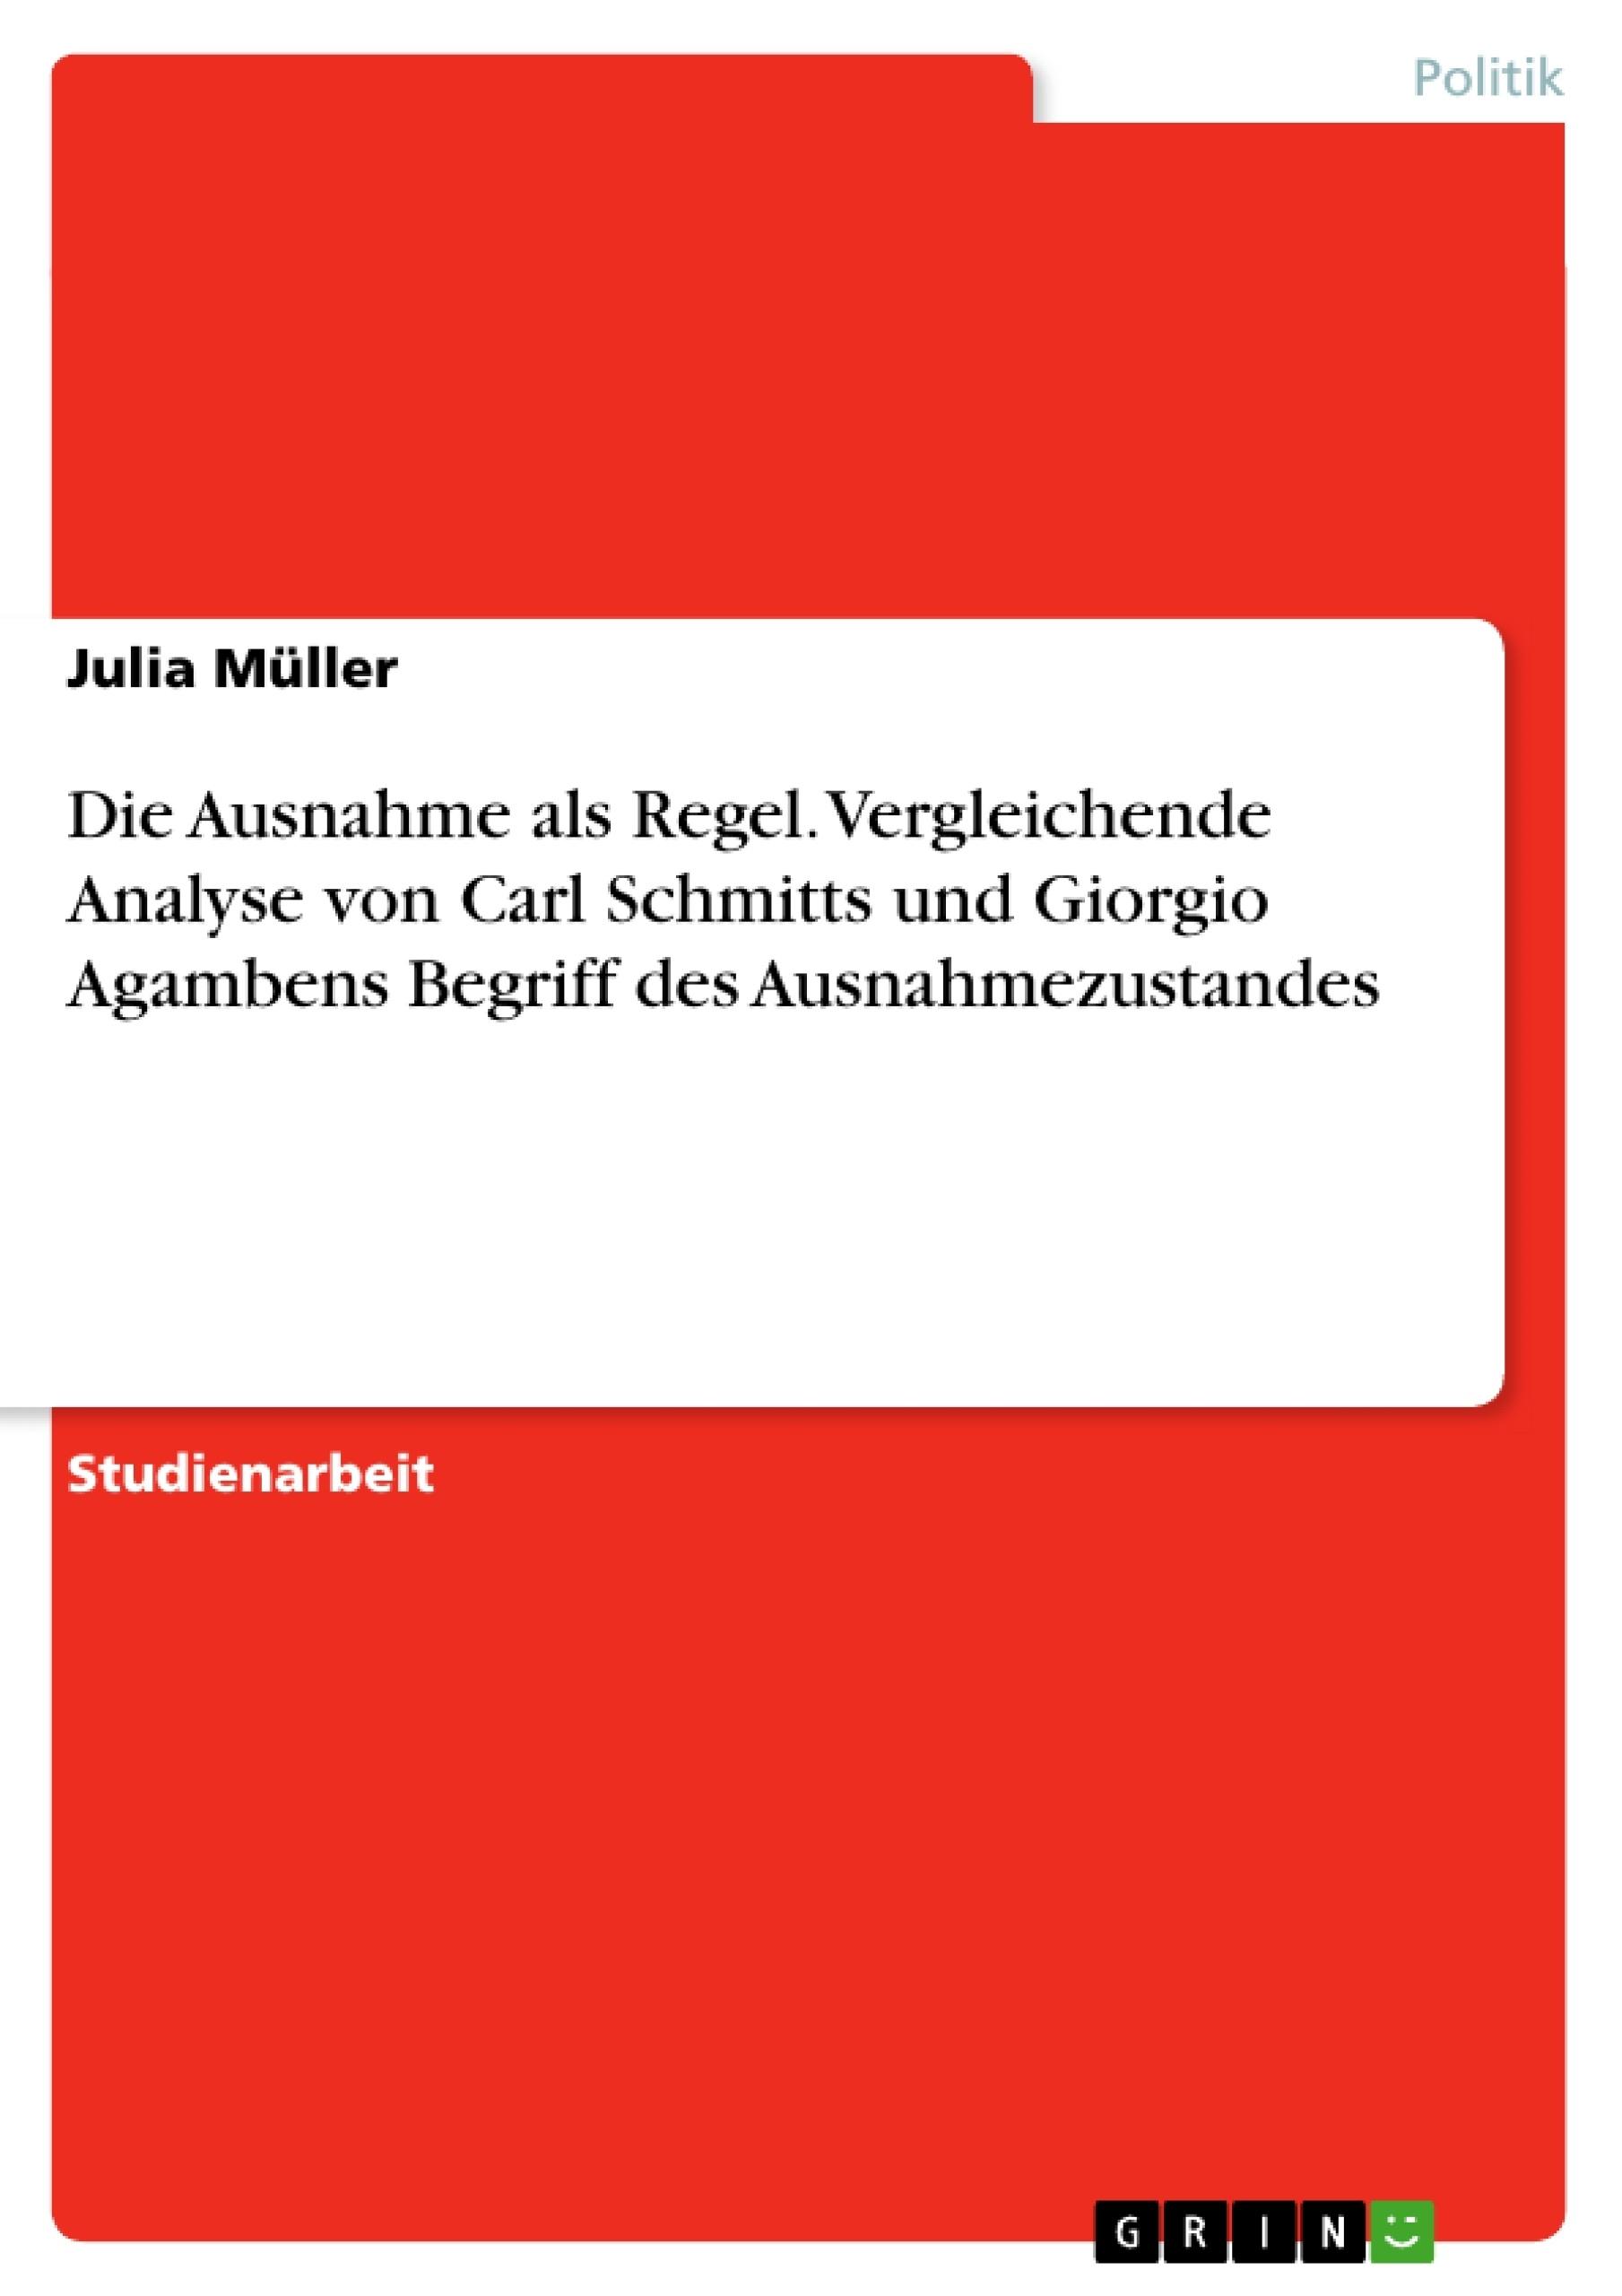 Titel: Die Ausnahme als Regel. Vergleichende Analyse von Carl Schmitts und Giorgio Agambens Begriff des Ausnahmezustandes